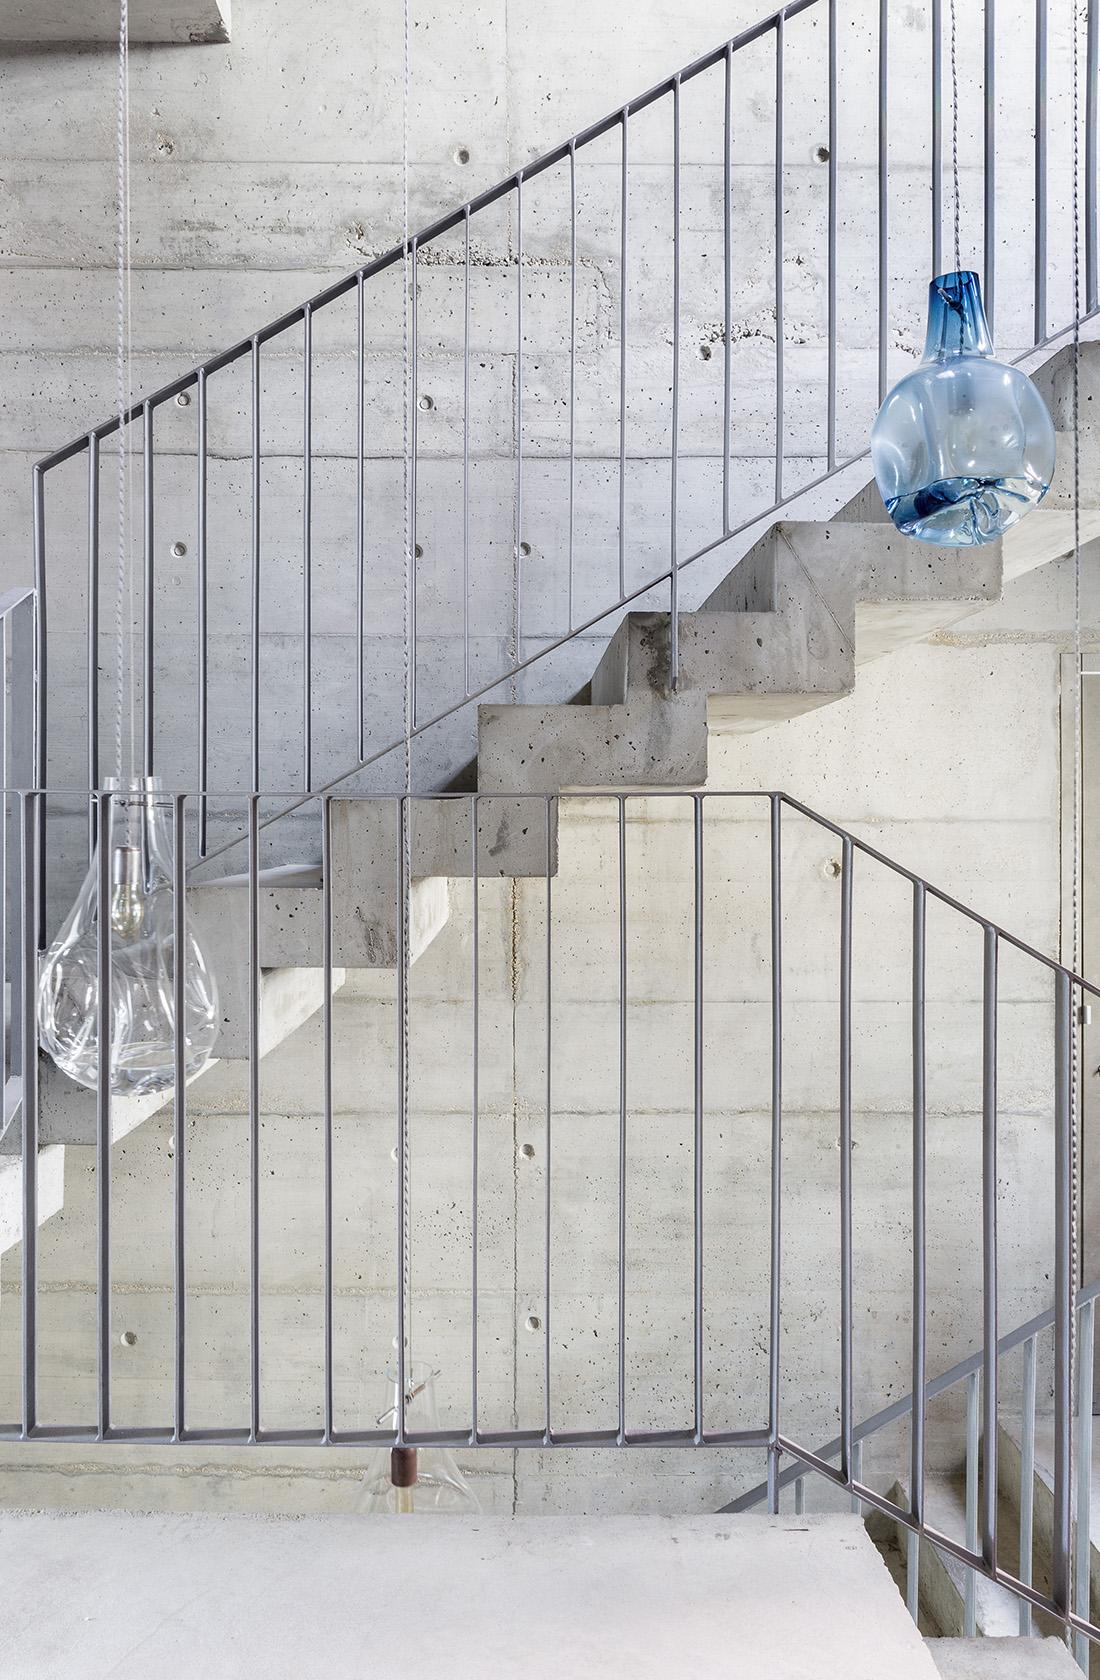 Detalle de las escaleras de hormigón visto, hotel micaenlisboa